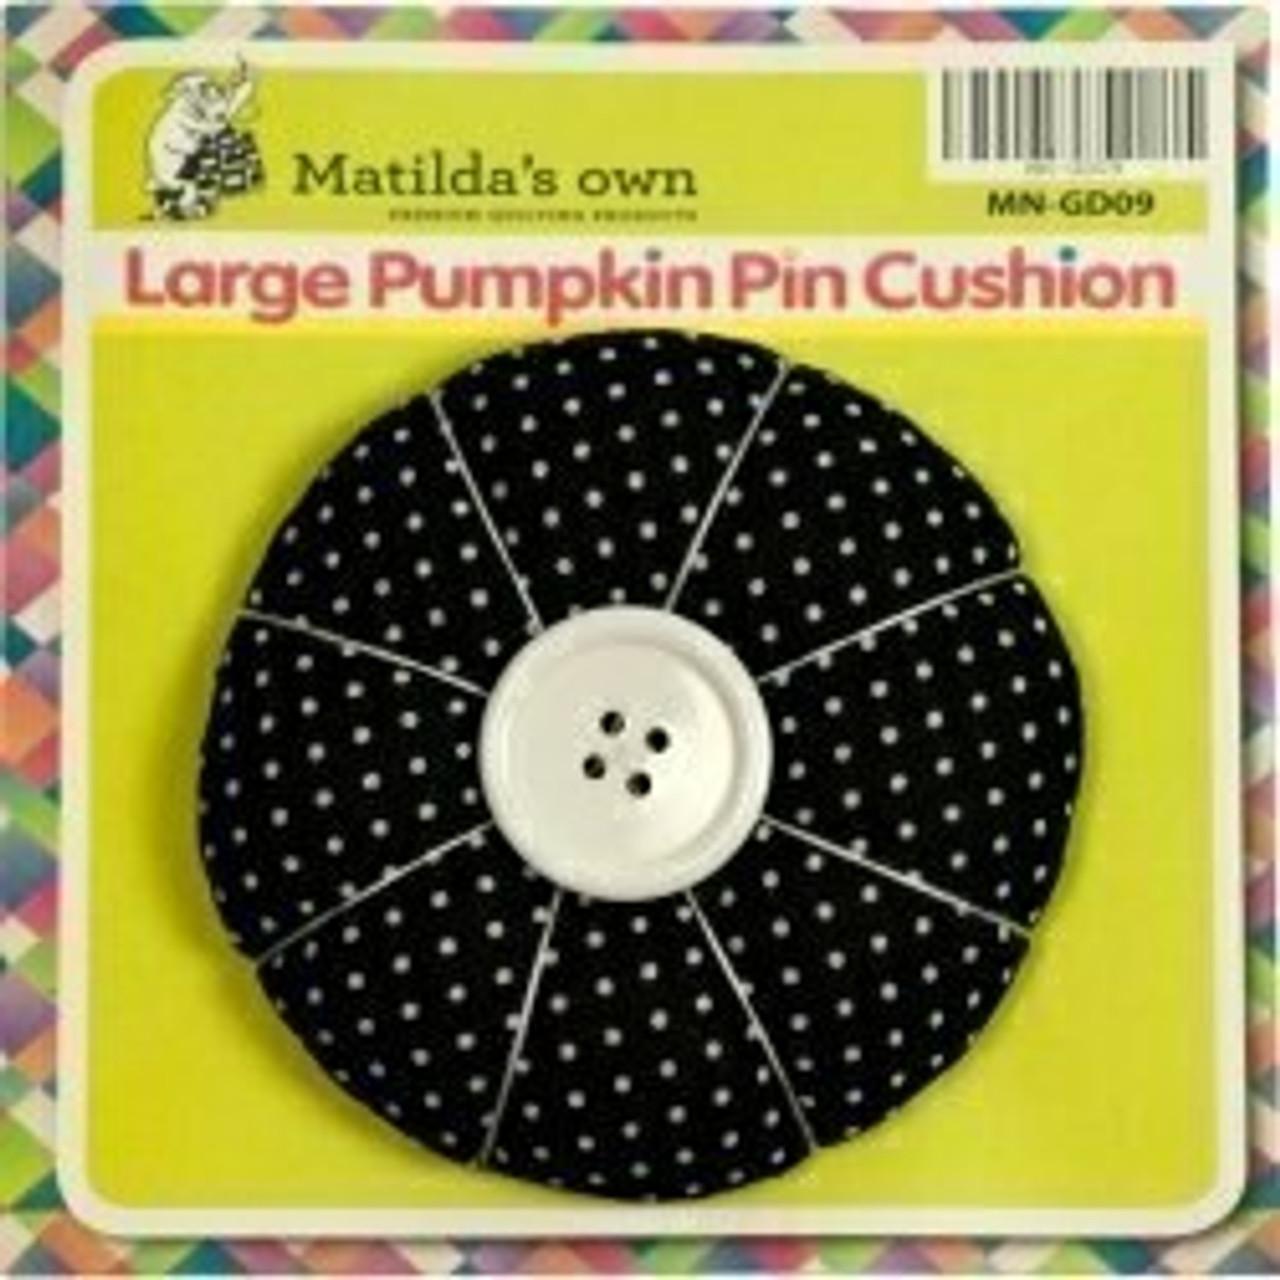 Pumpkin Pin Cushion - Large